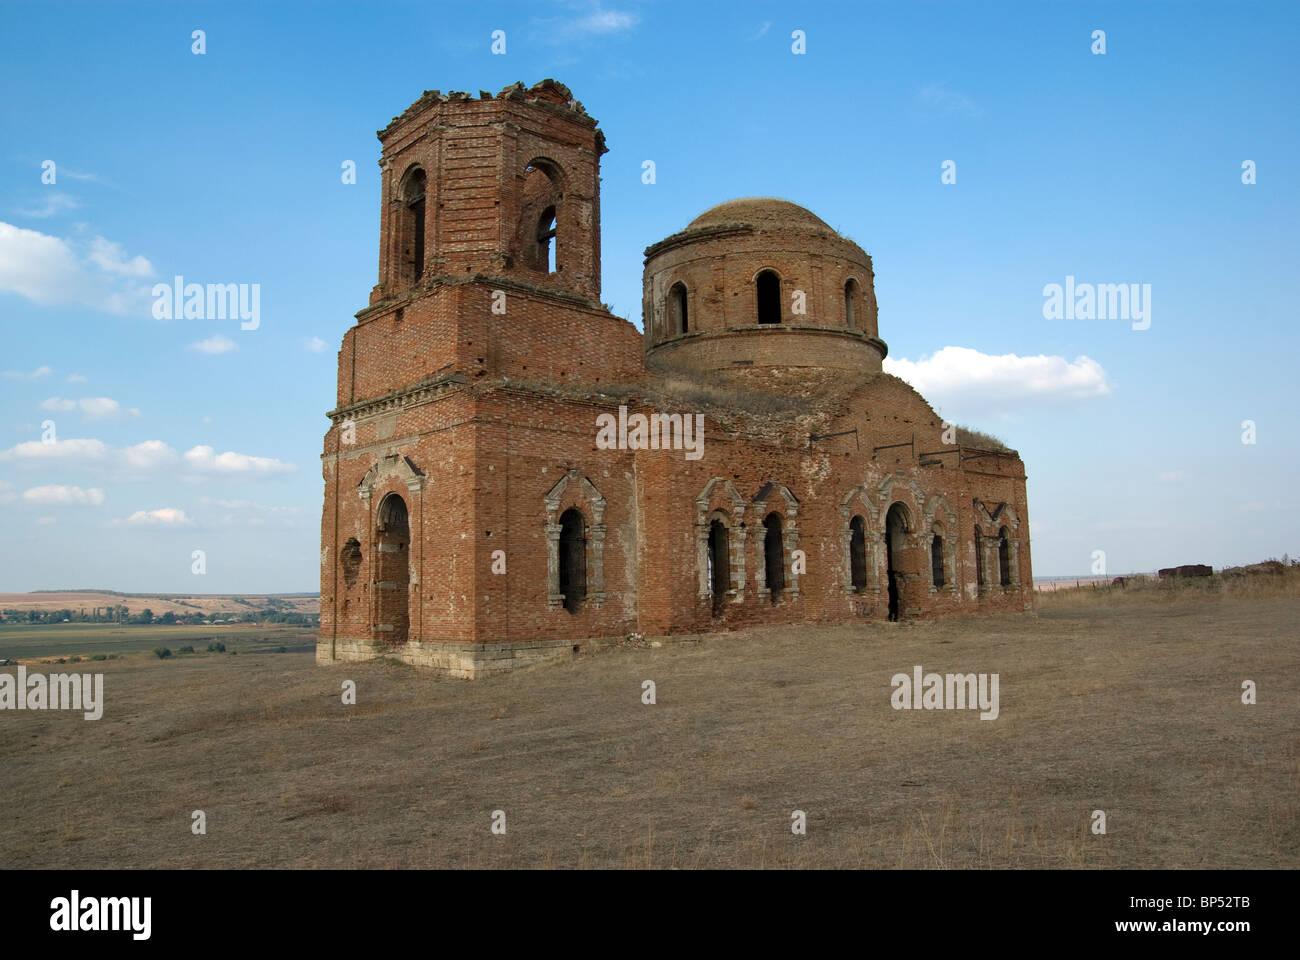 Ancienne église détruite pendant la deuxième guerre mondiale. Rostov-sur-Don, en Russie. Banque D'Images